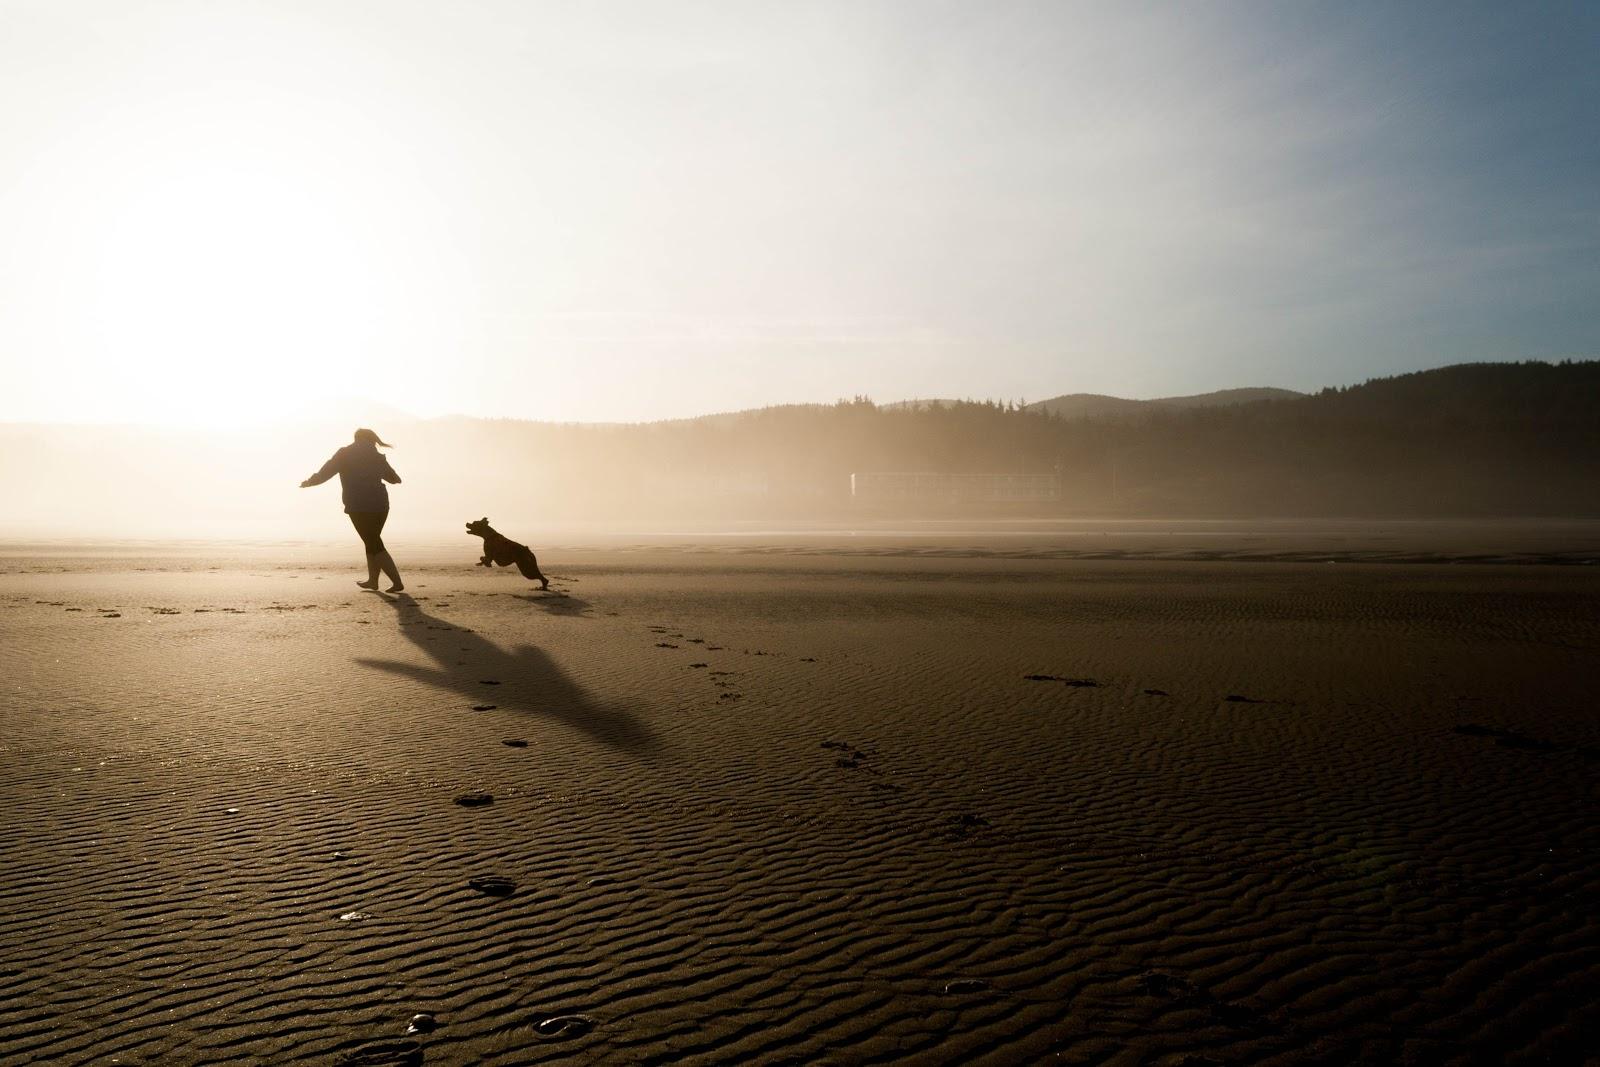 犬と一緒に浜辺を走る人